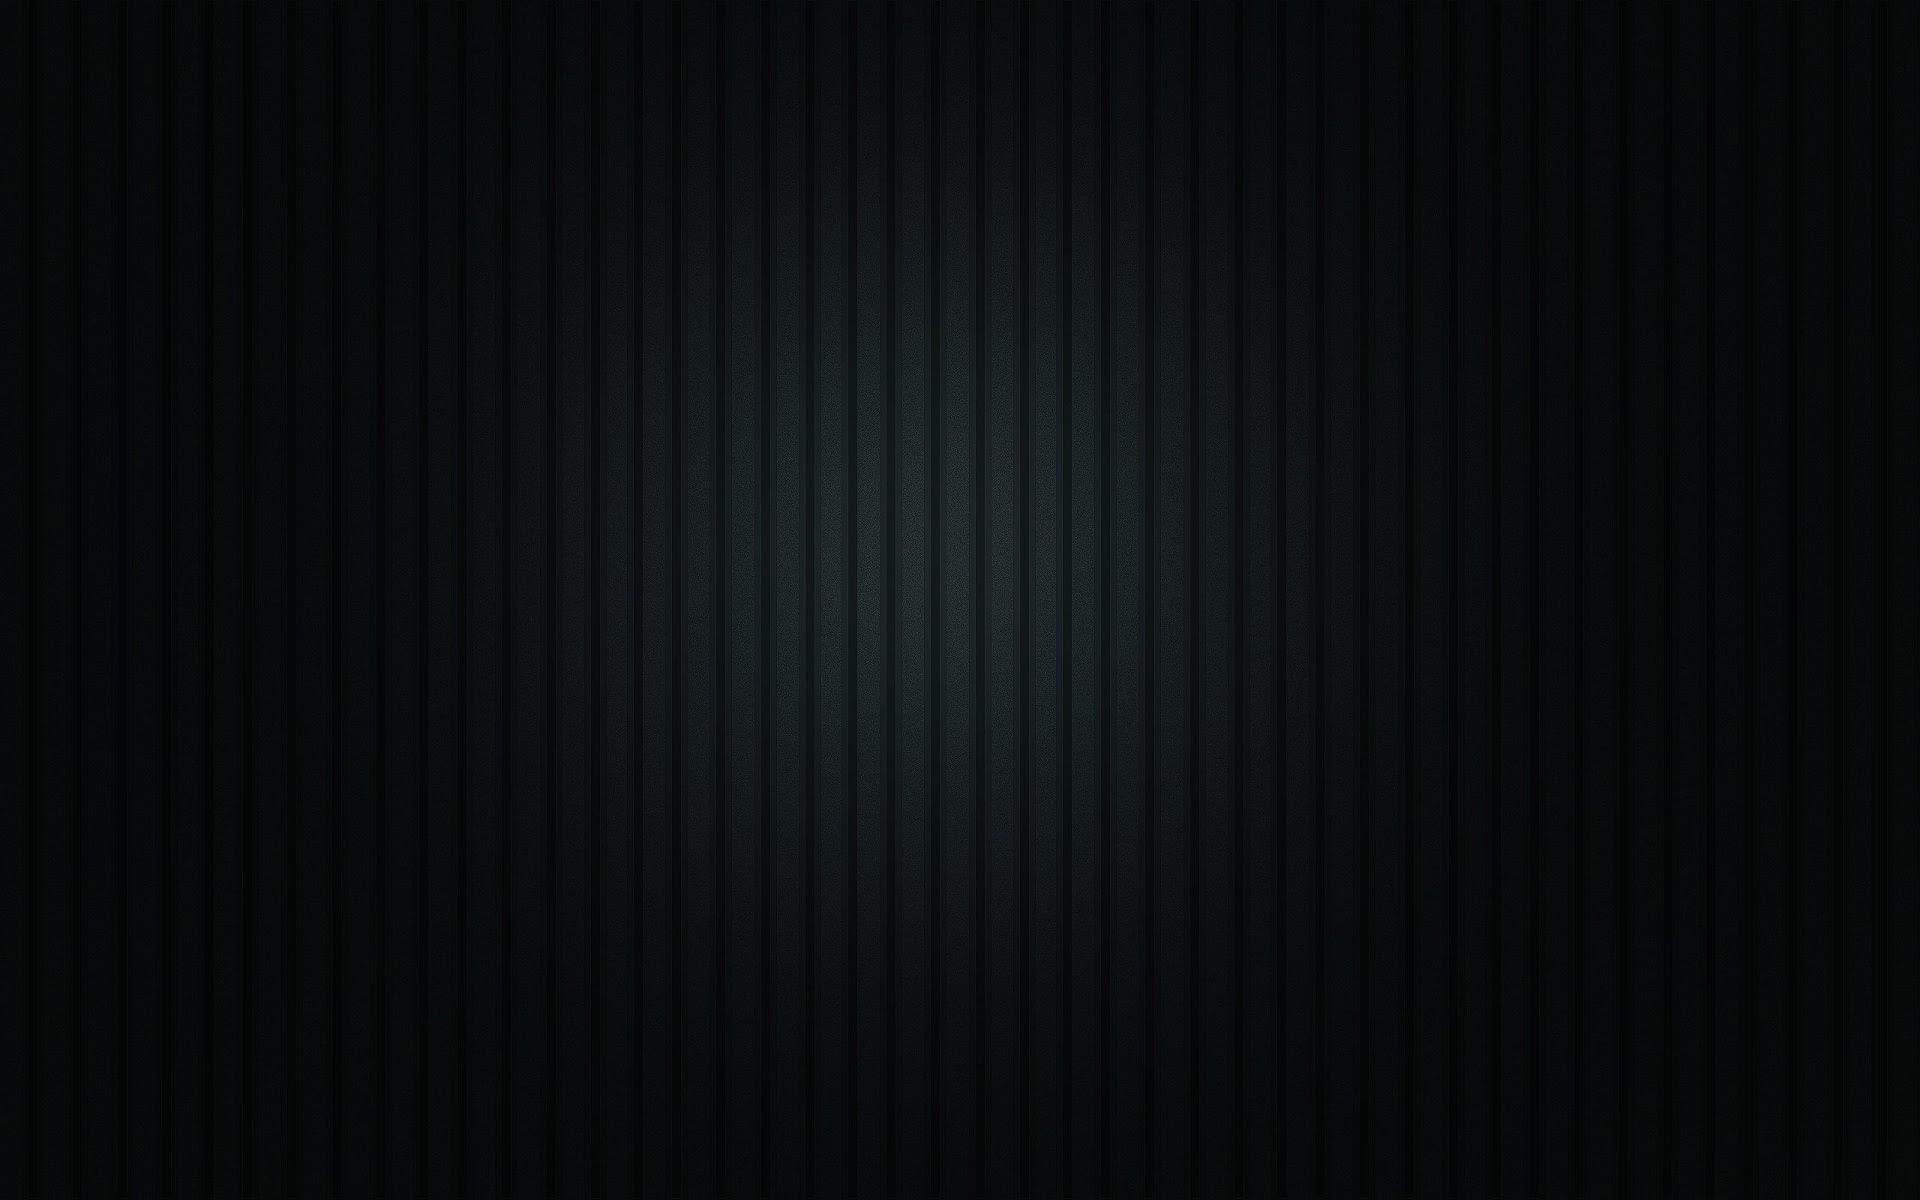 Best Plain Wallpaper Download Free   PixelsTalk.Net